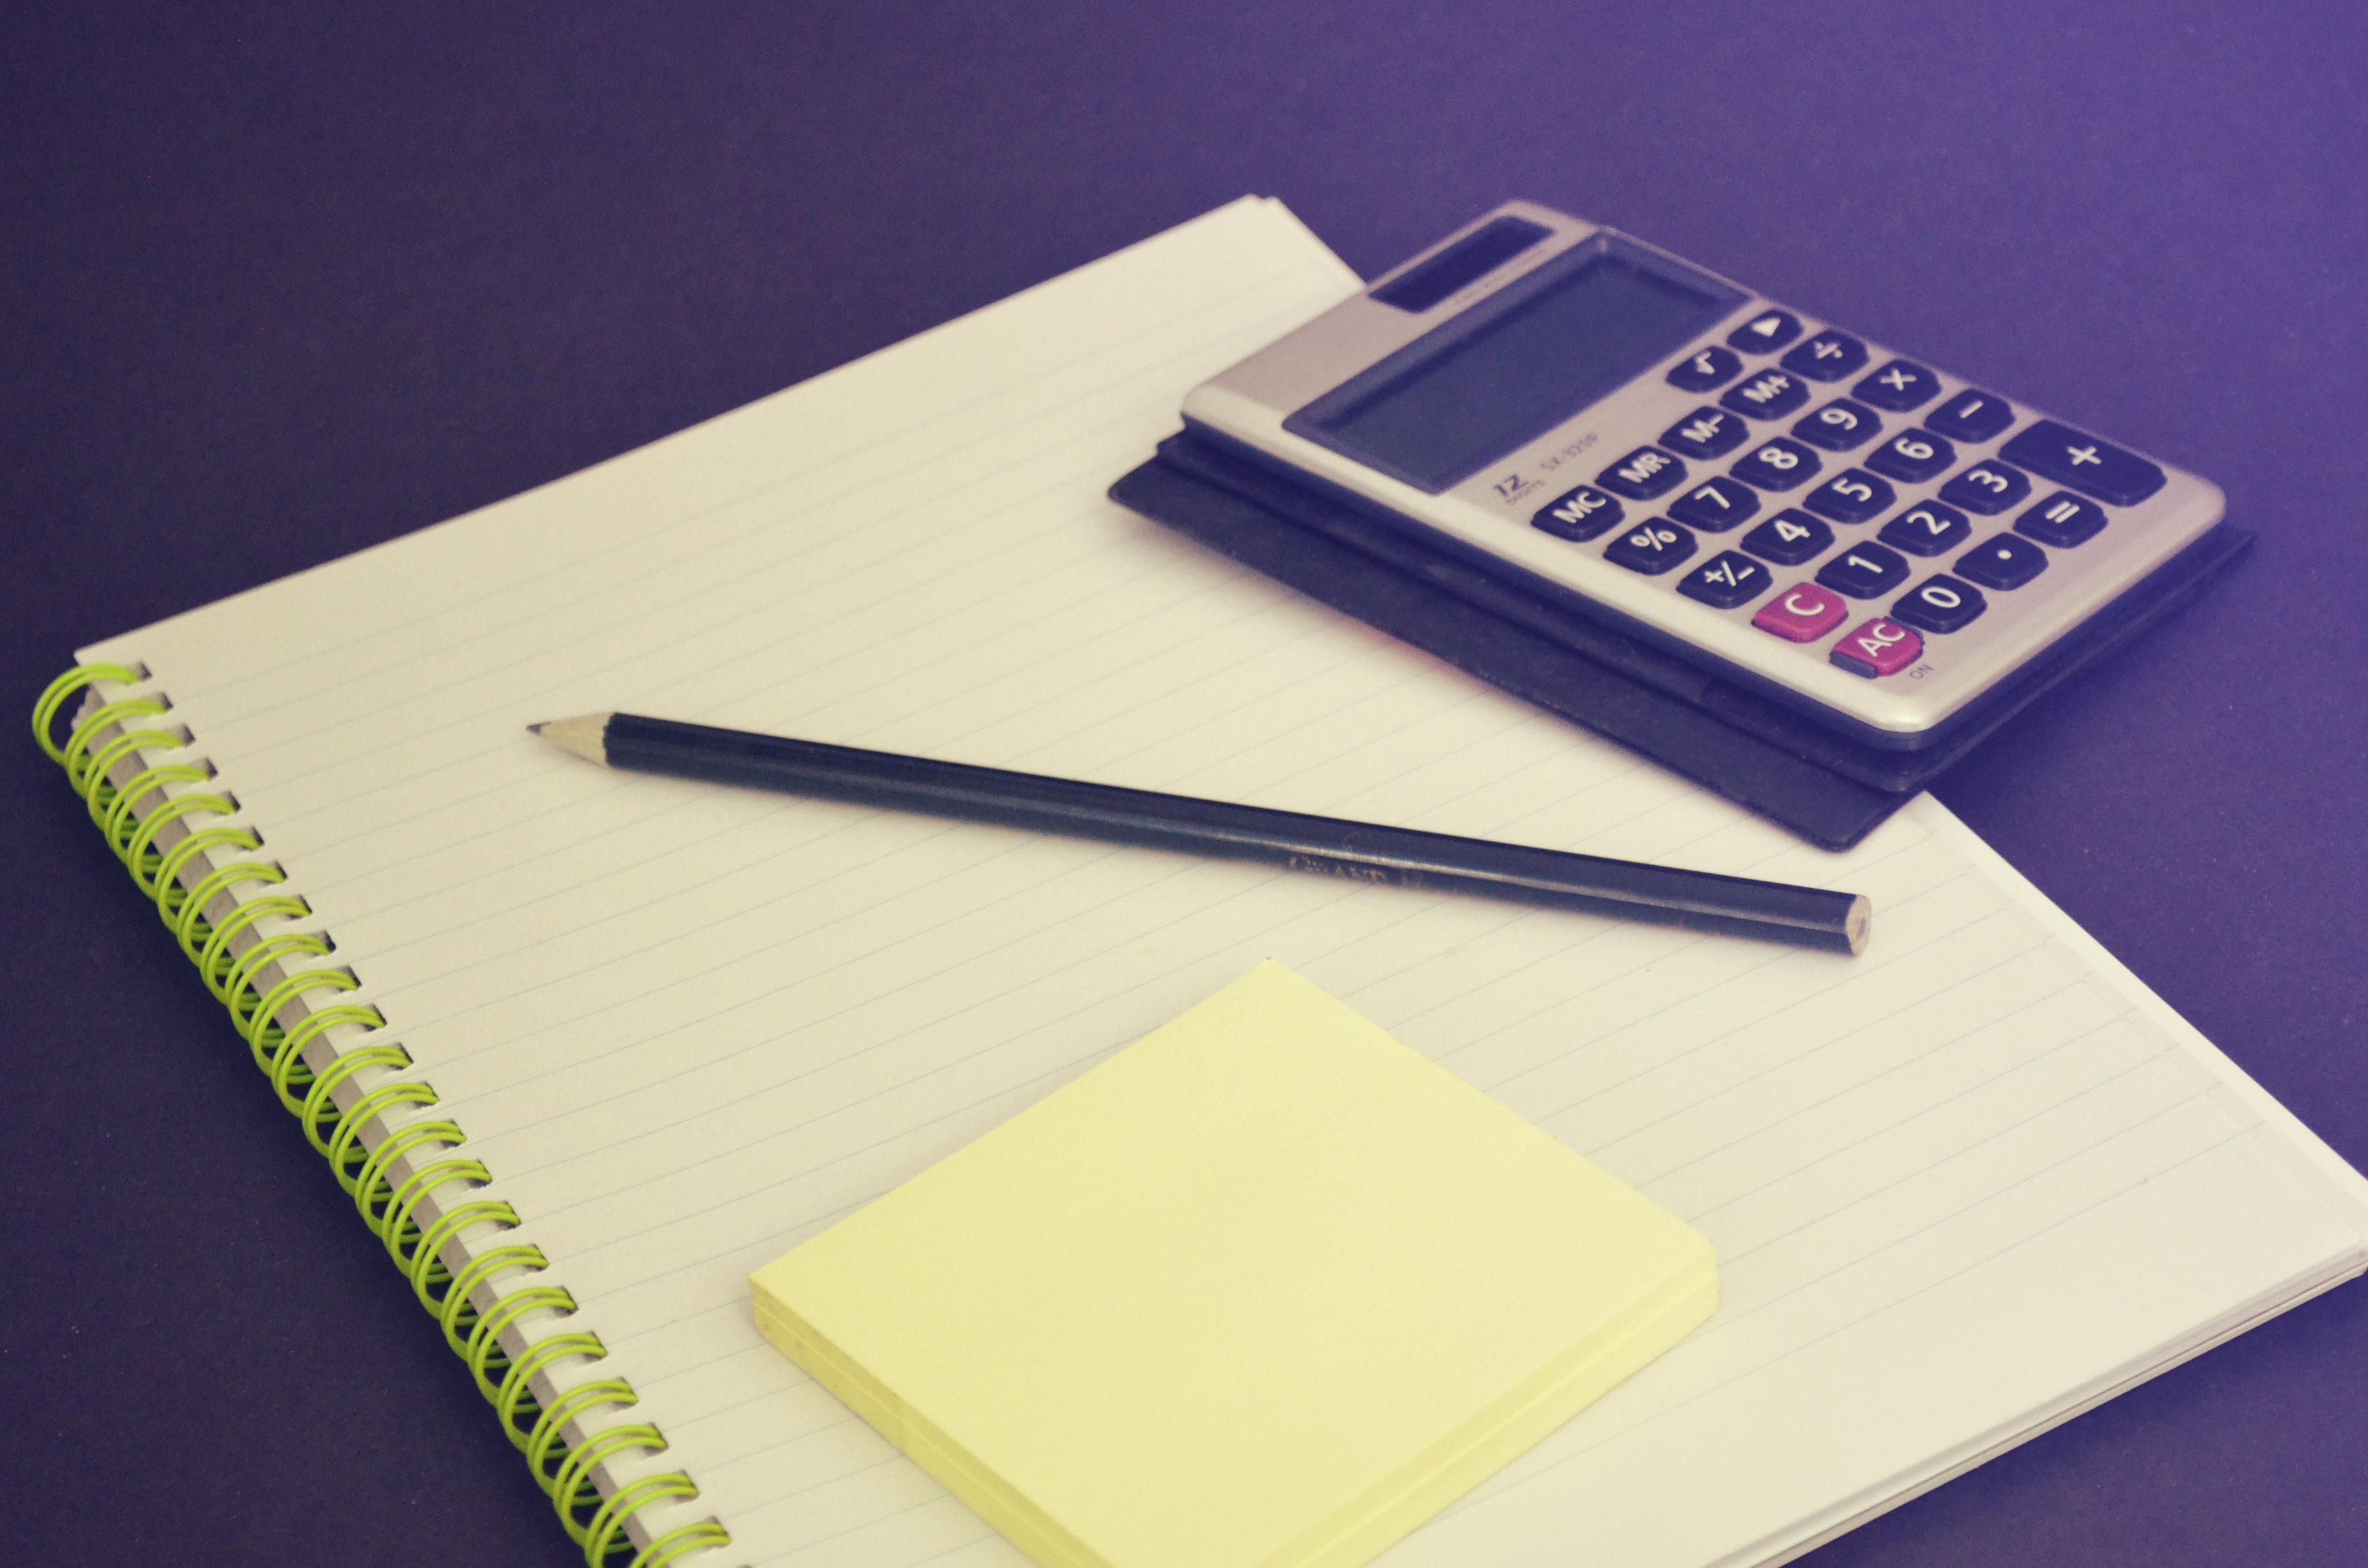 Notepad pencil3 hires